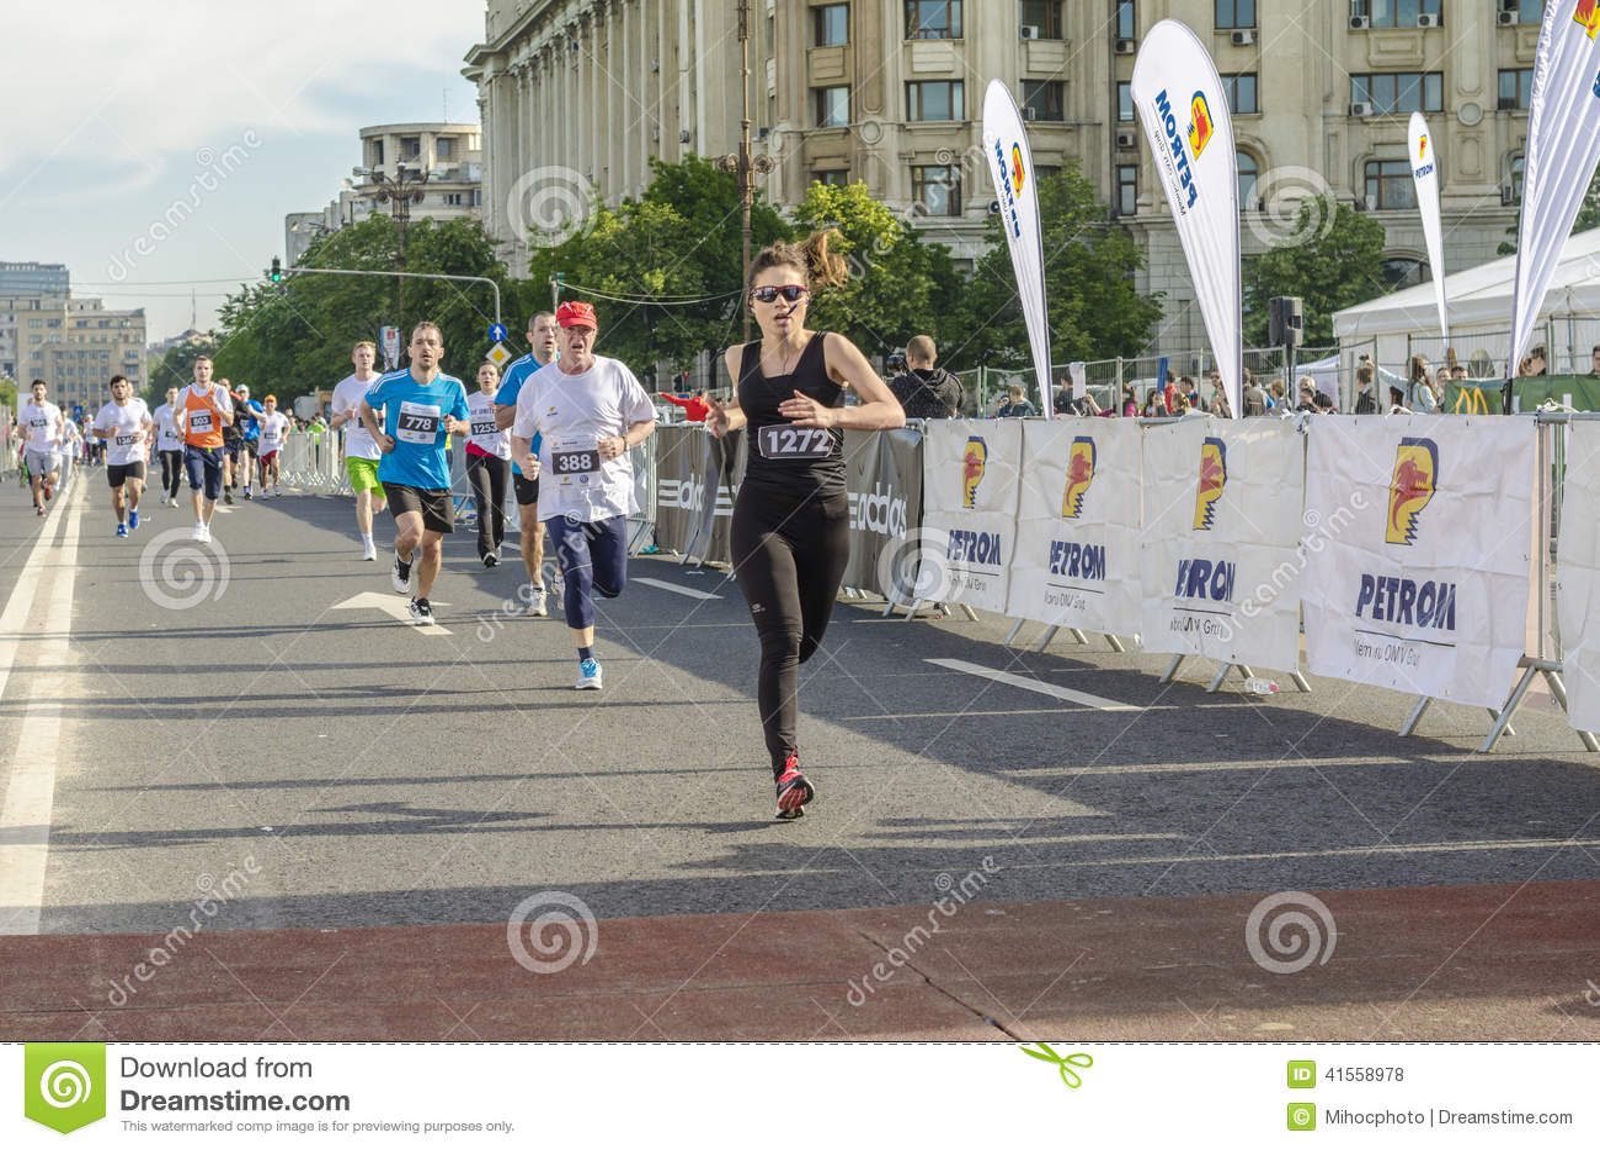 Runner female at finish line